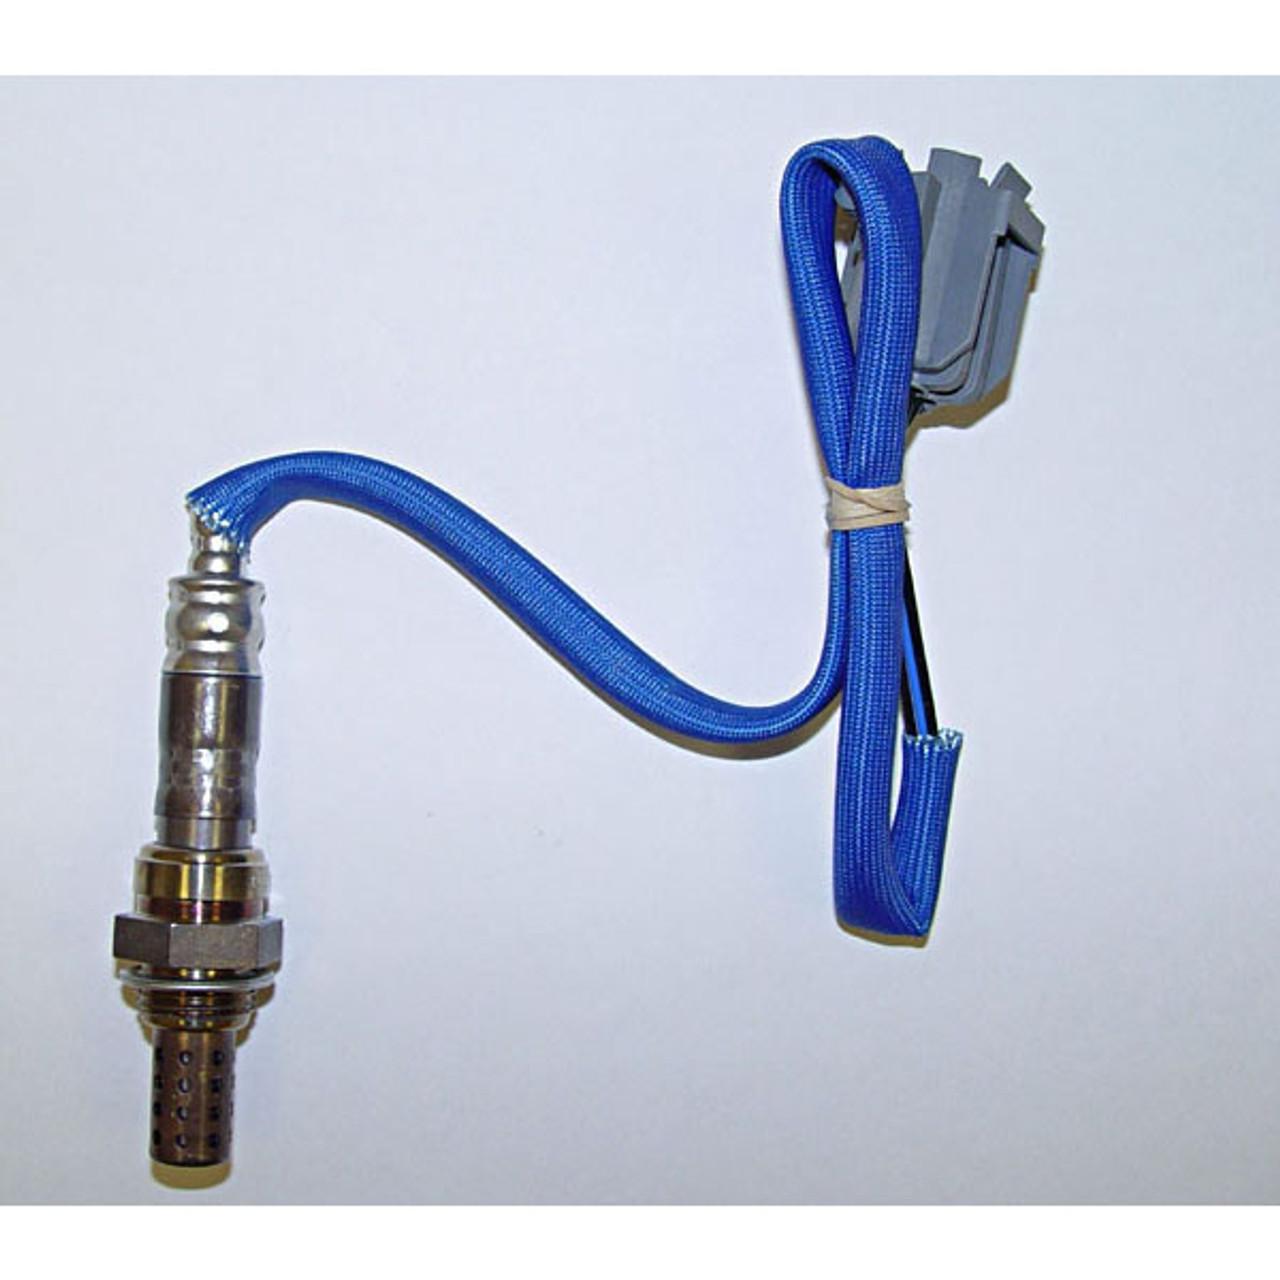 Blue Hose /& Stainless Blue Banjos Pro Braking PBK9517-BLU-BLU Front//Rear Braided Brake Line